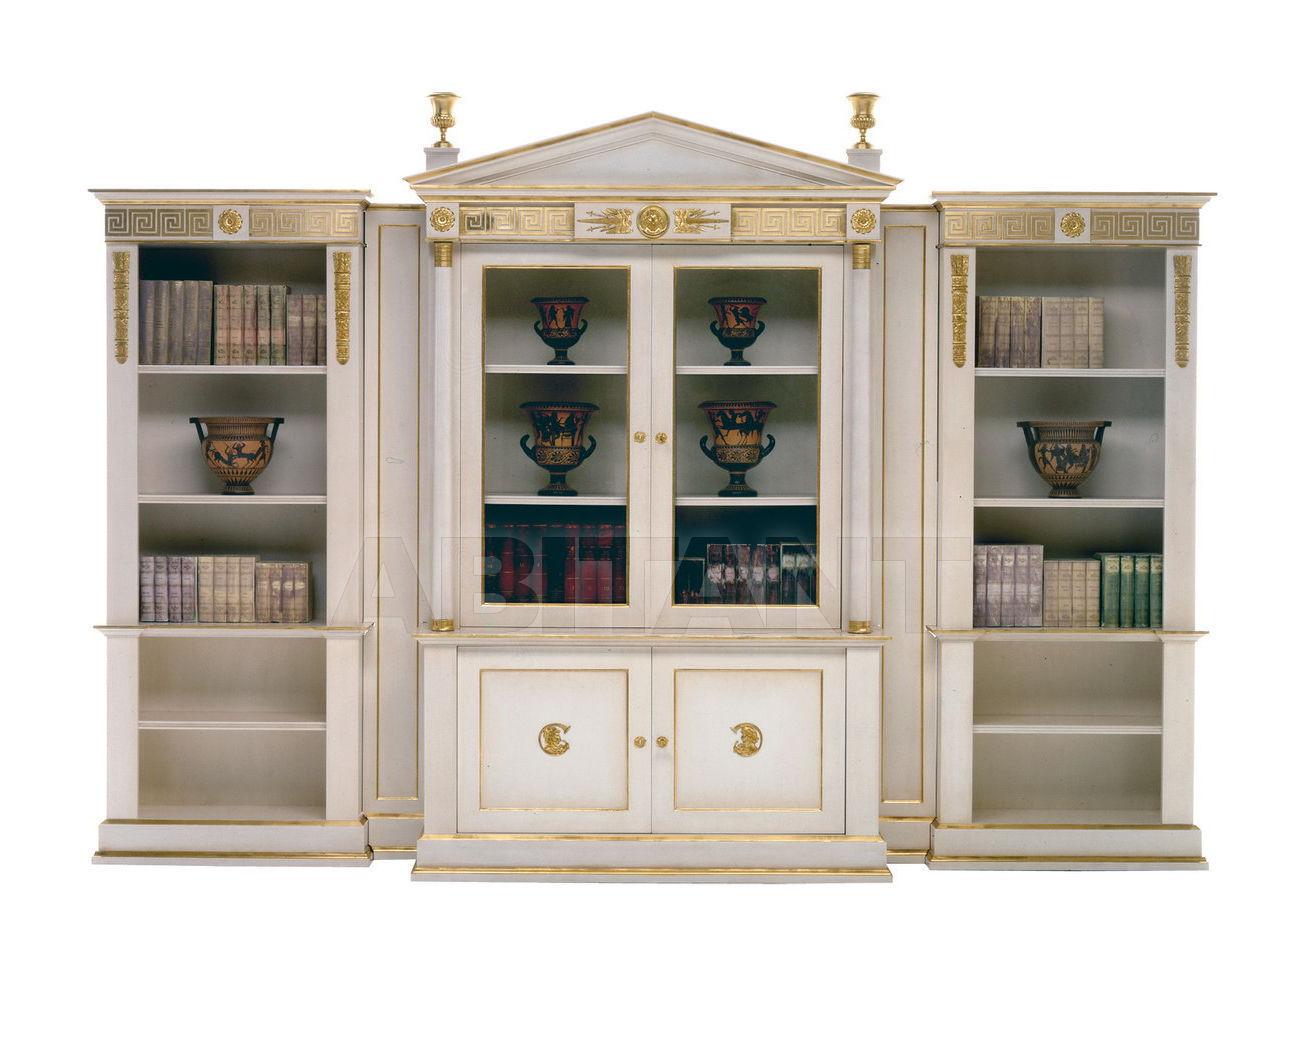 Купить Библиотека Colombostile s.p.a. 2010 LB 6903 H